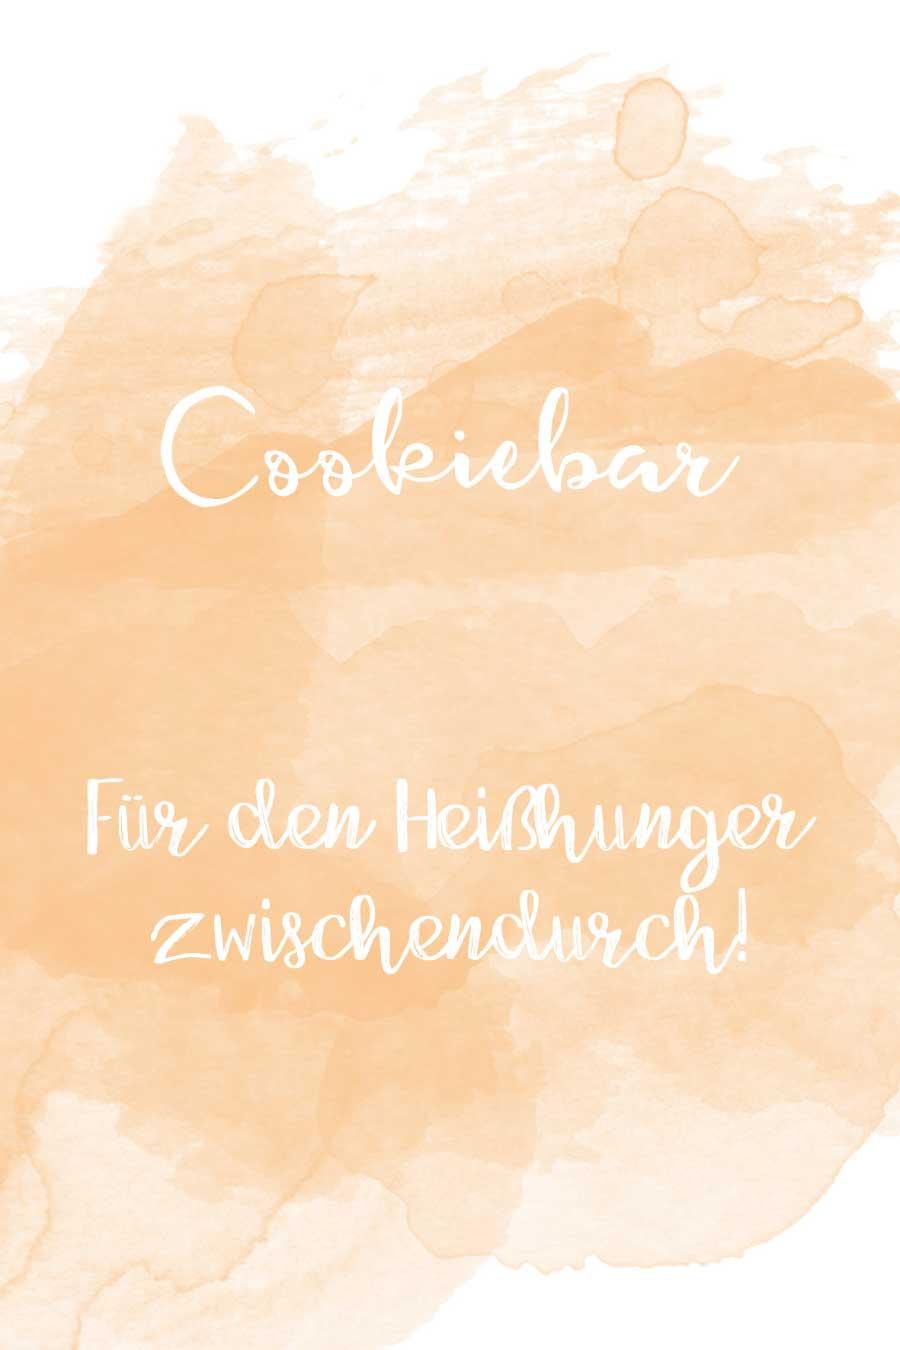 Cookiebar Schild in Wasserfarben-Optik kostenlos zum Download